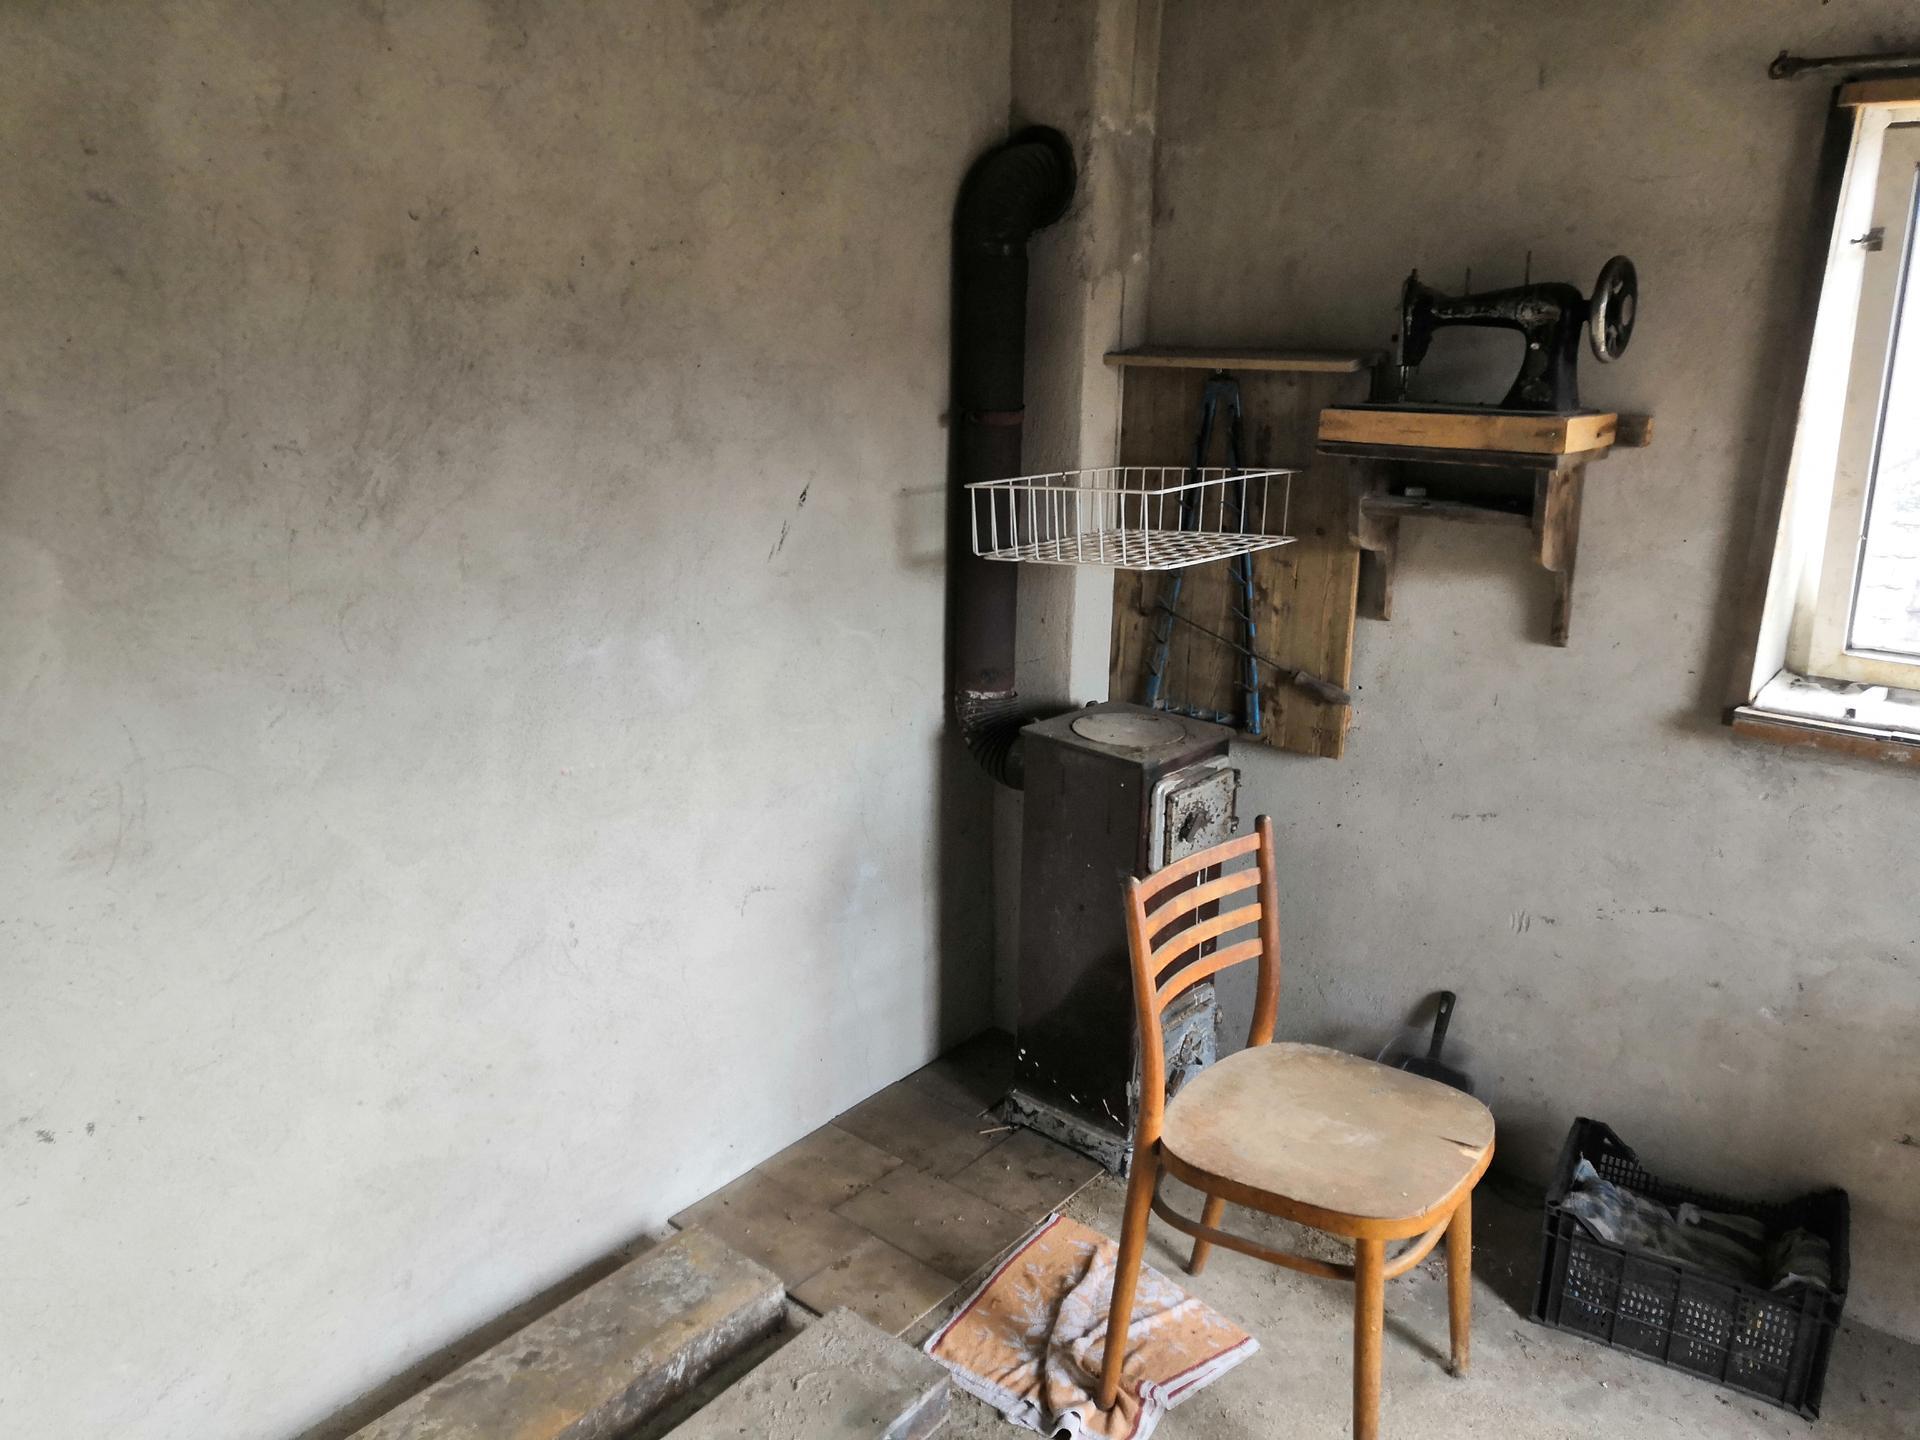 Dílnička s kurníkem  na dvoře - Obrázek č. 5